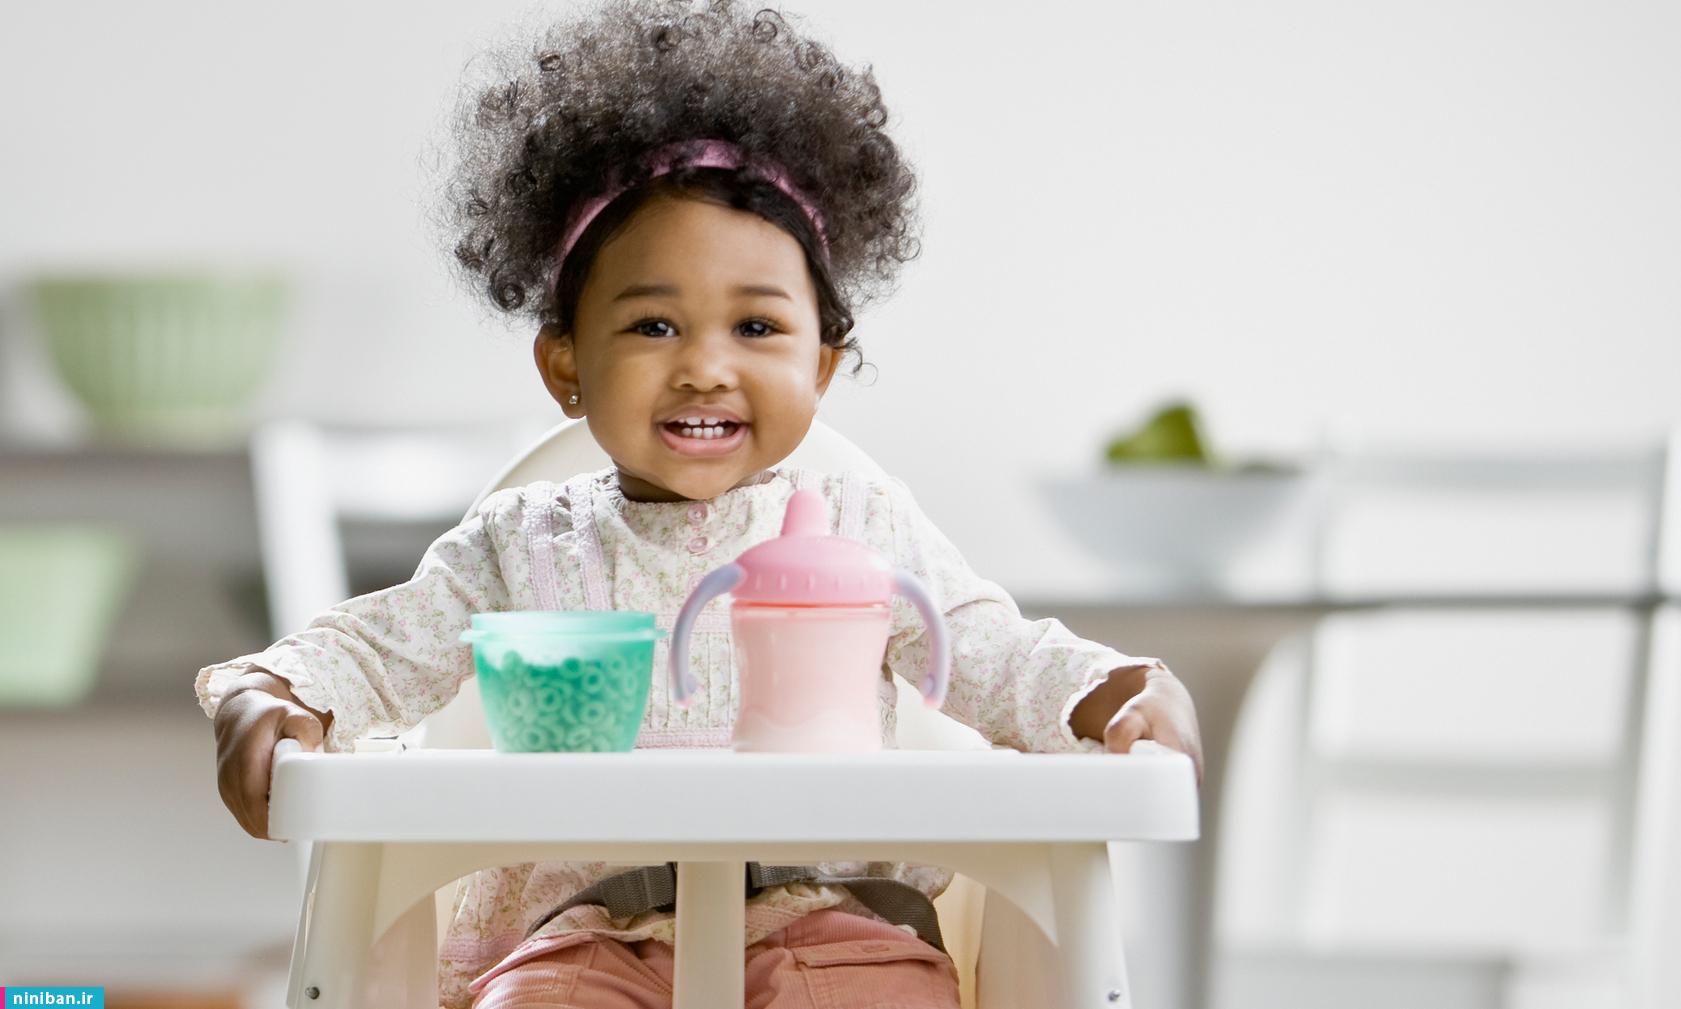 لیوان آبخوری کودک